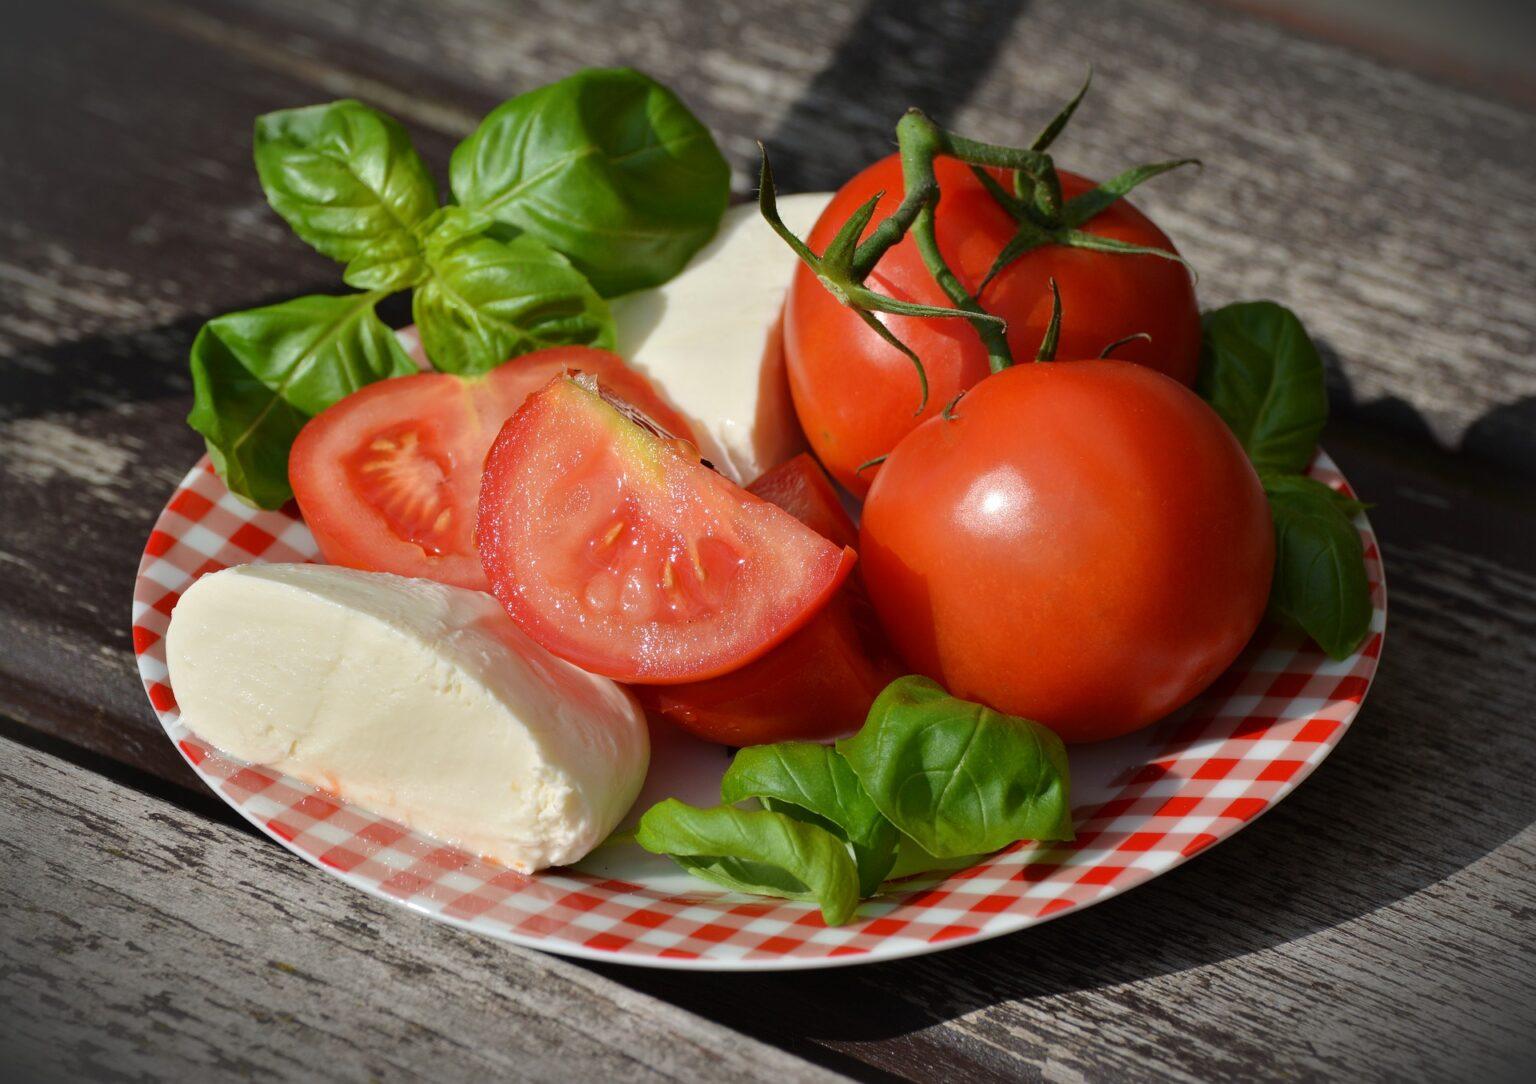 Imagem de uma salada Caprese, com tomates, folhas verdes e um pedaço de queijo.